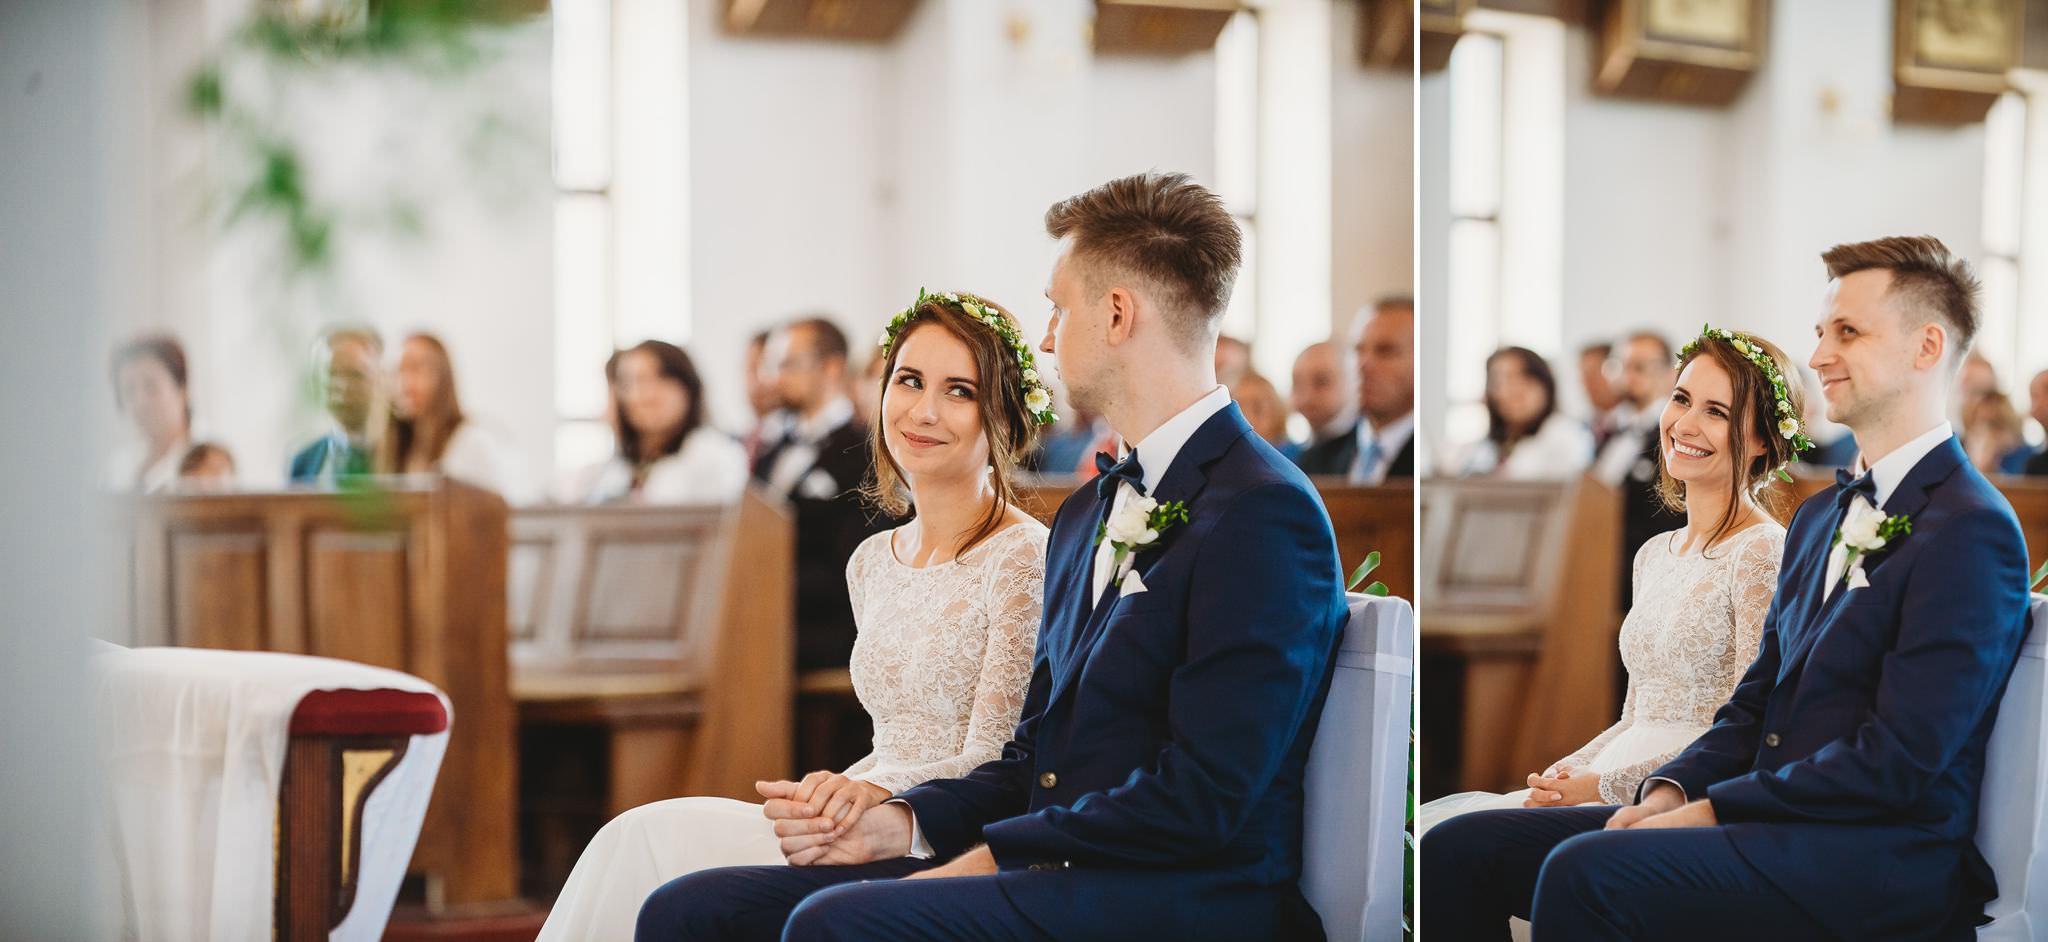 Fantastyczny ślub w stylu rustykalnym, wesele w Kapitańskiej  fotograf ślubny Konin 135